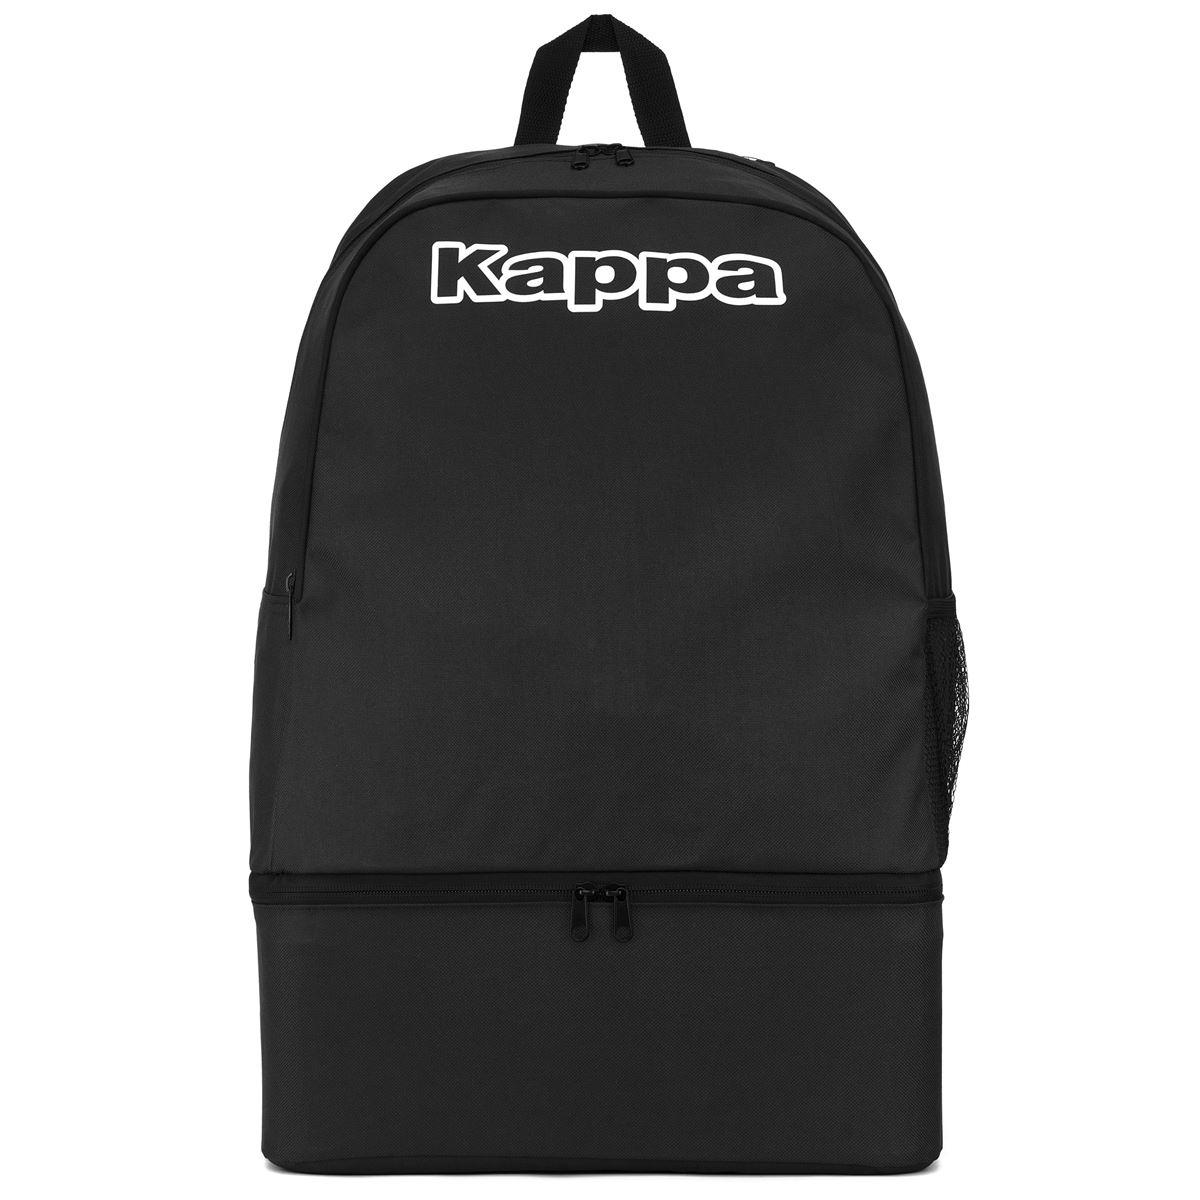 Kappa Bags for men-304UJX0